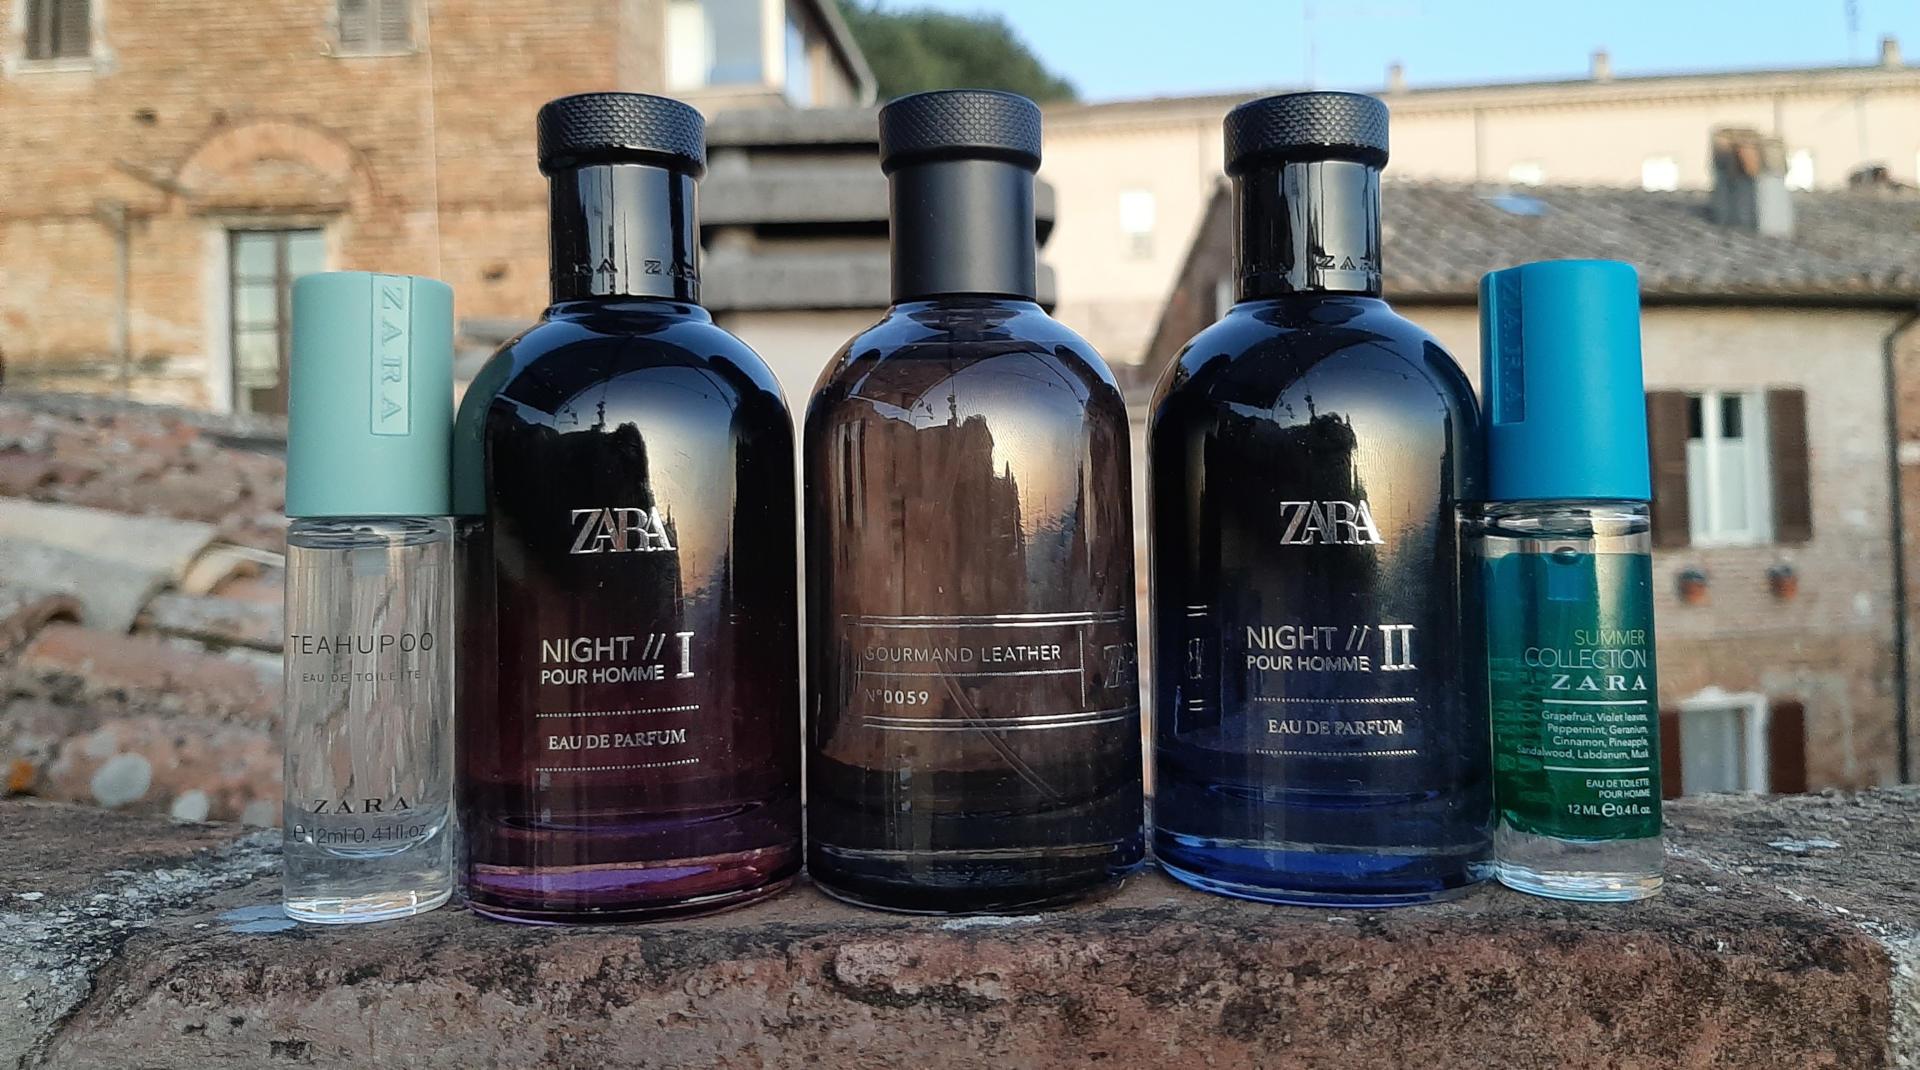 Profumi Zara (dupe e non): recensione ed opinioni Guida